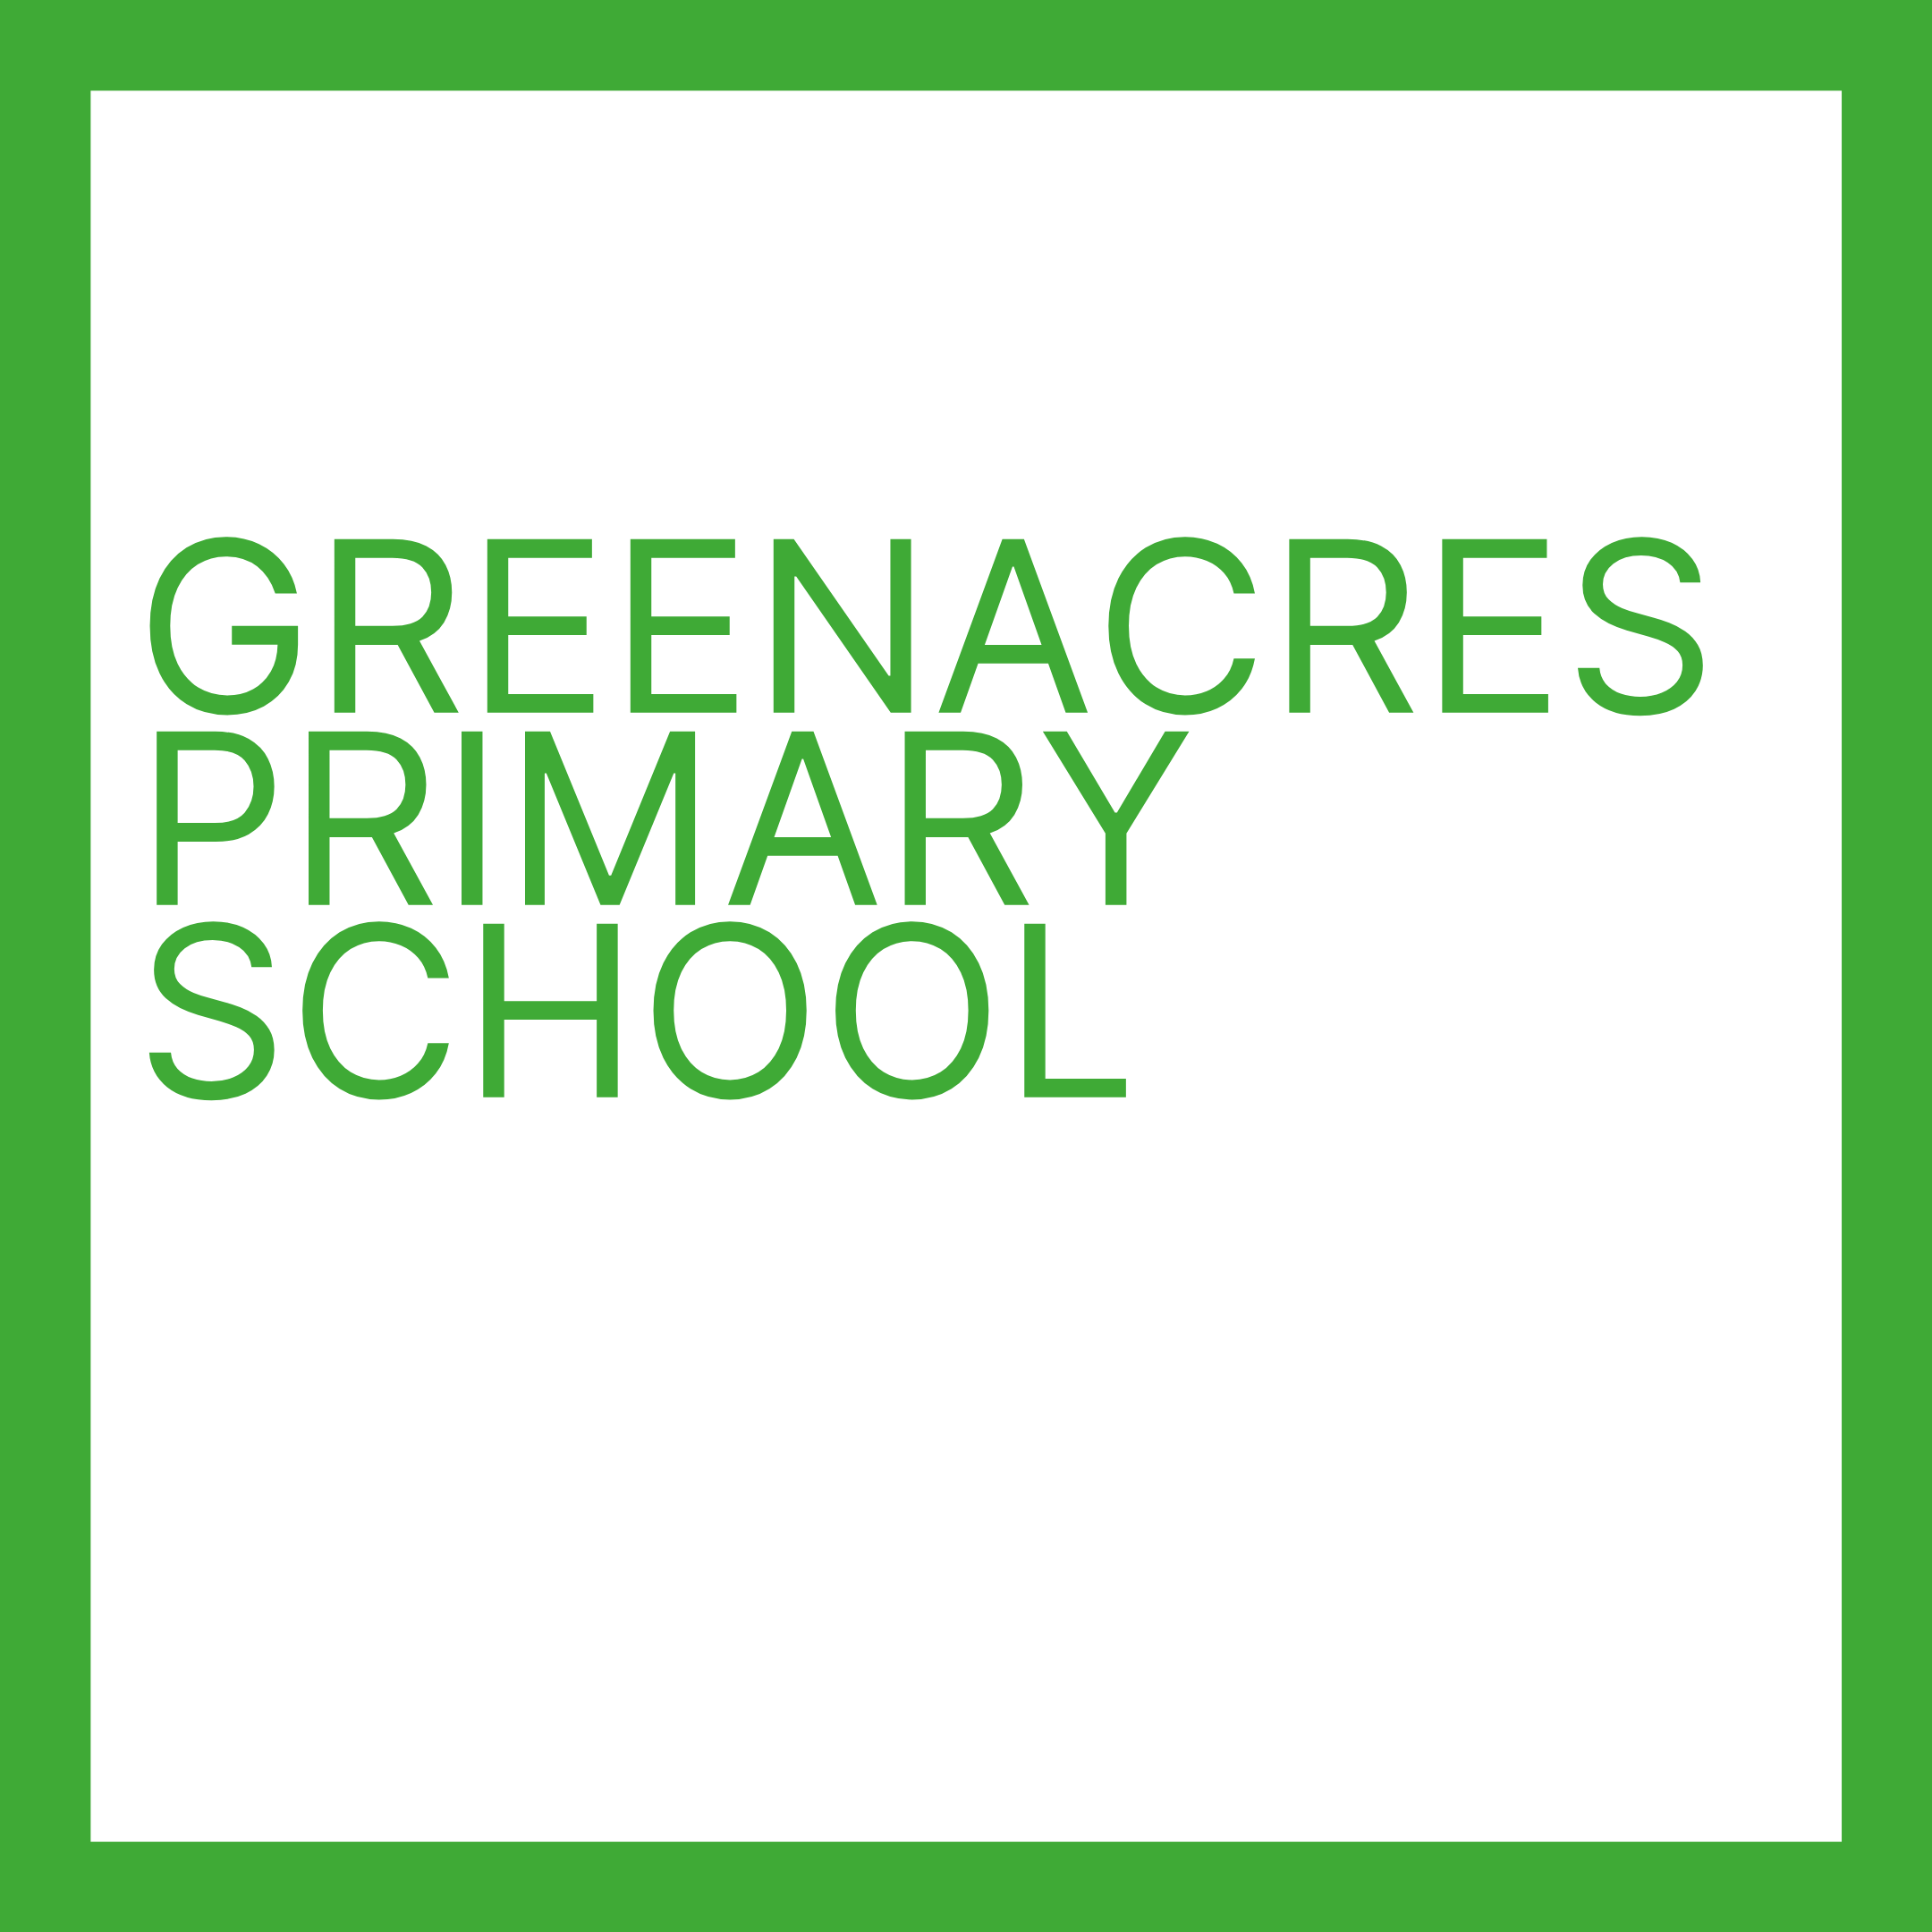 Greenacres Primary School